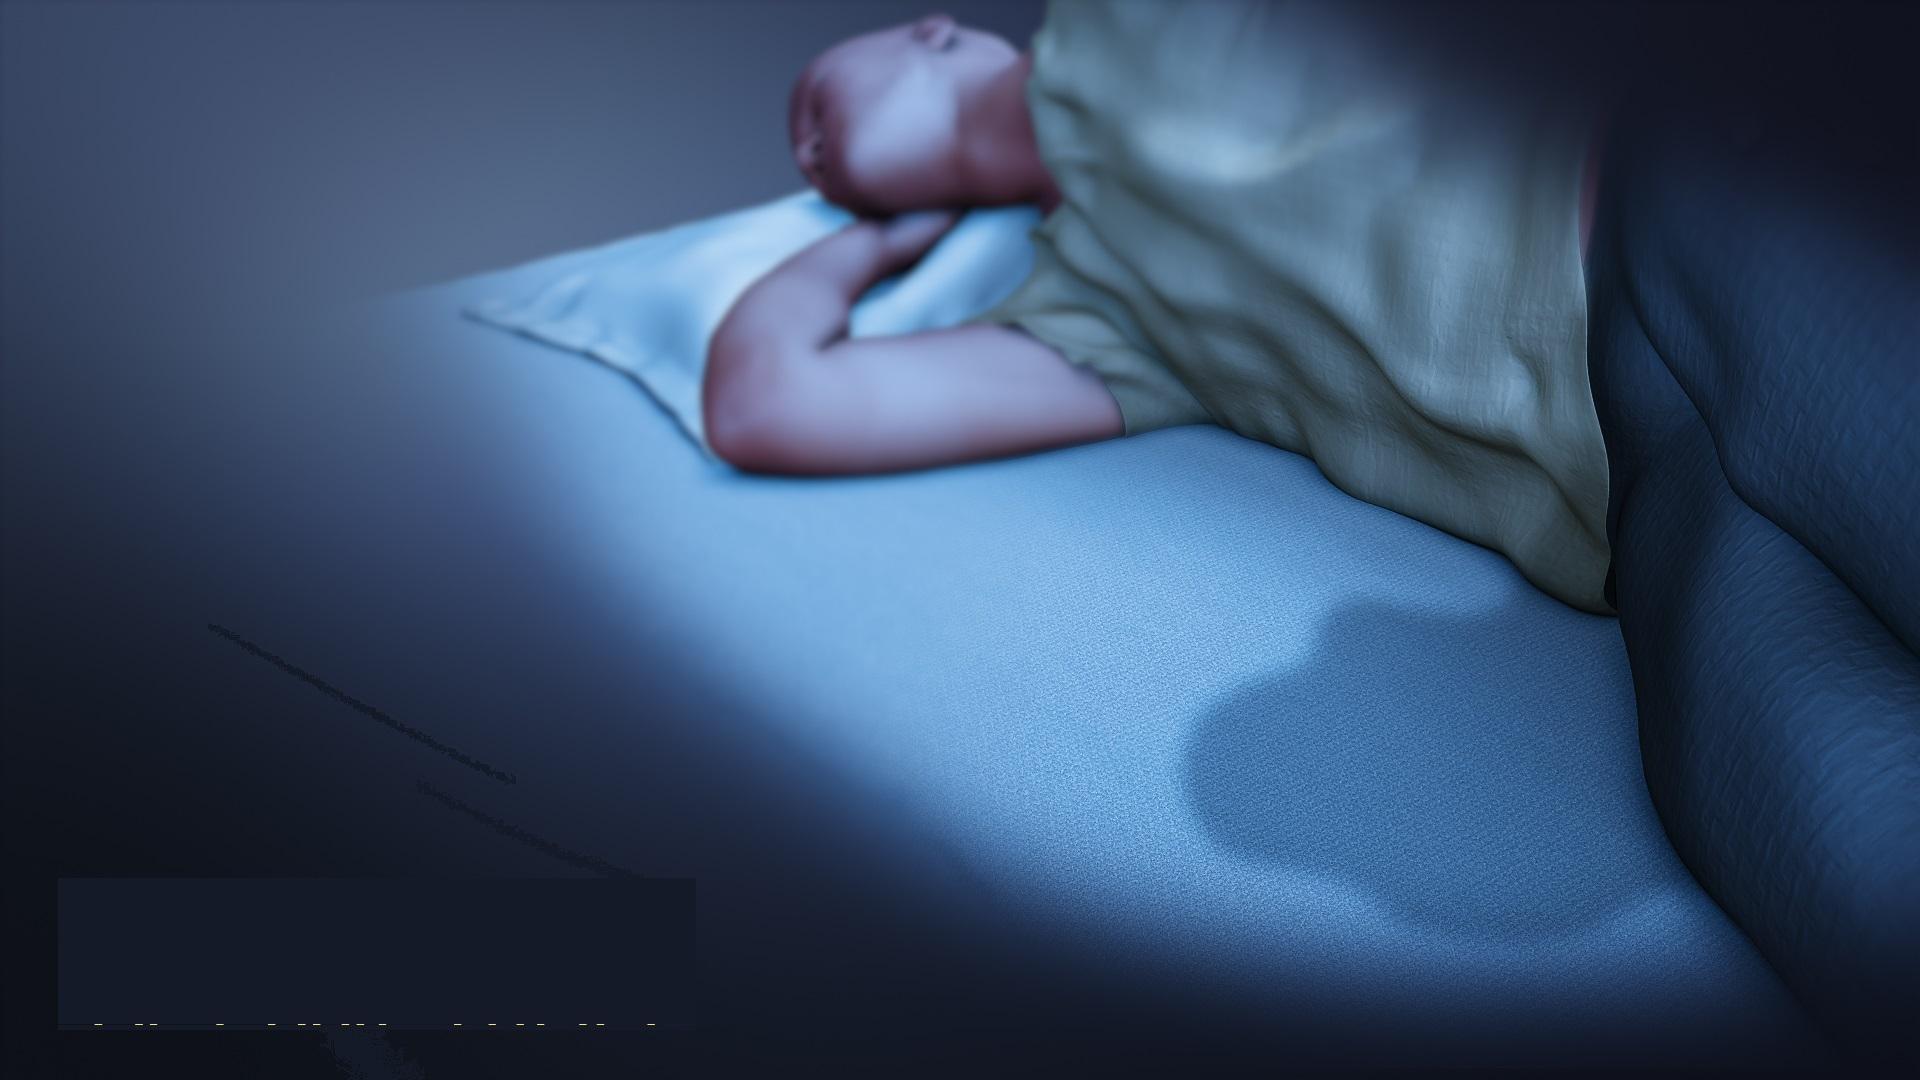 Sleep wetting